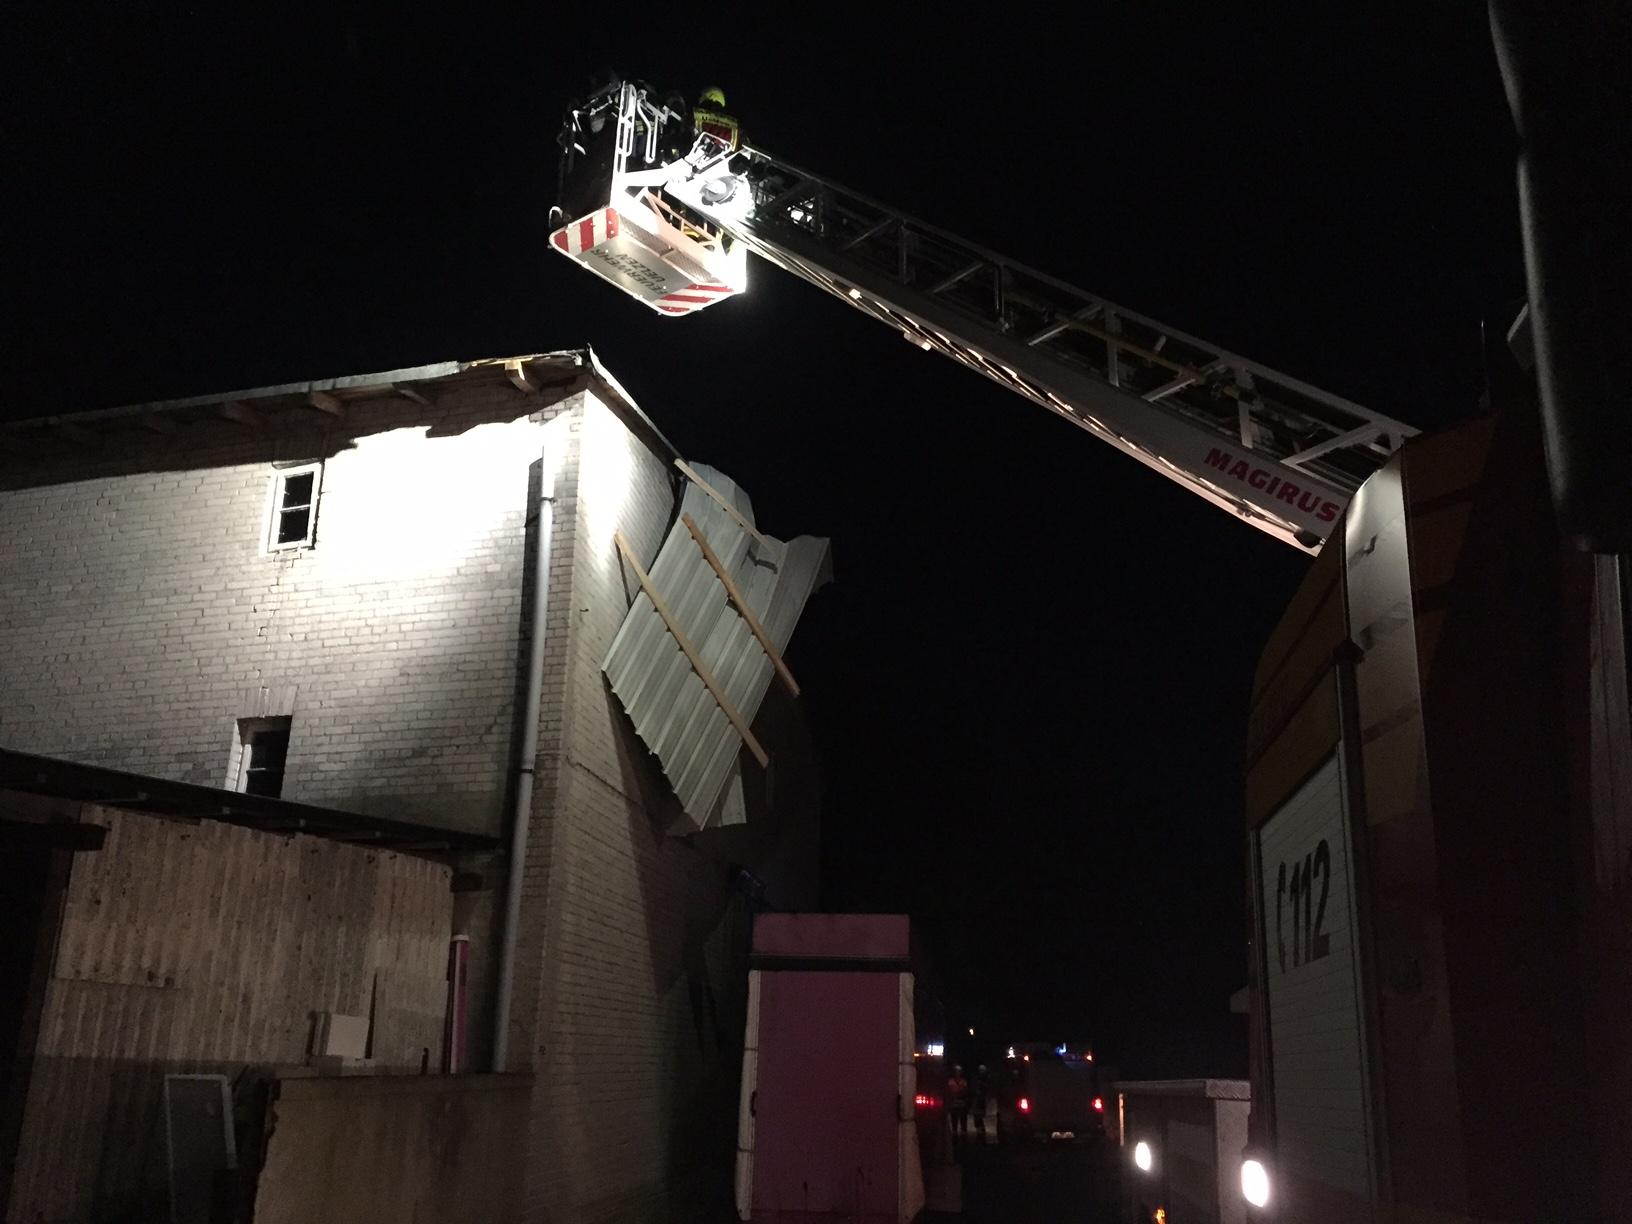 032. Sturmschadenbeseitigung / Dachteile drohen auf Straße zu fallen